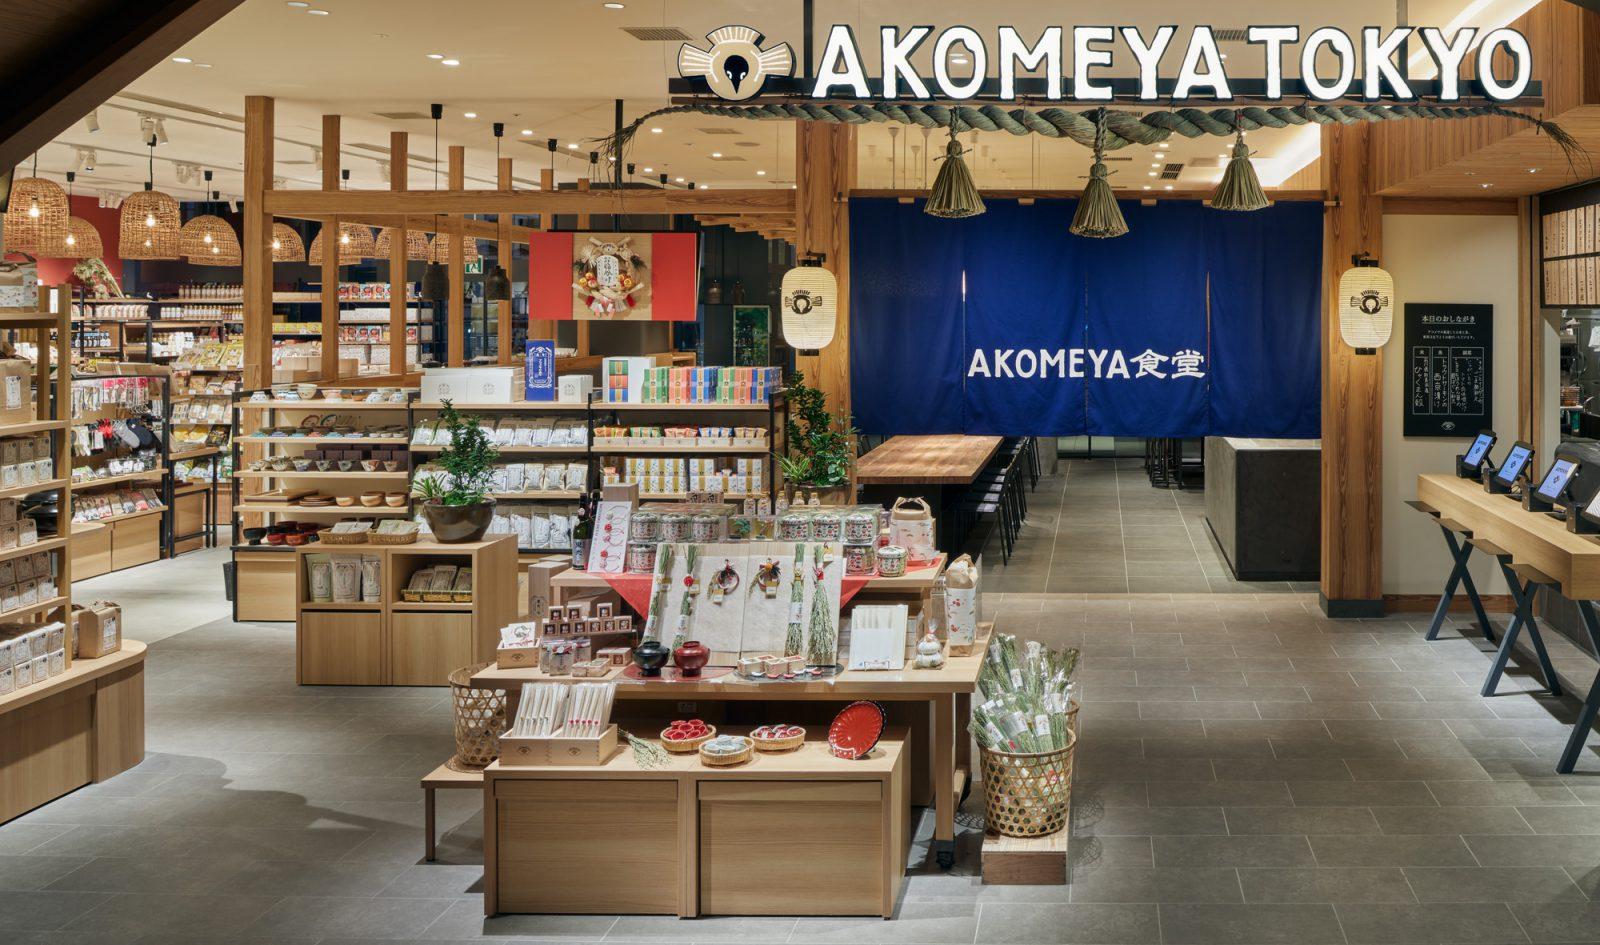 AKOMEYA TOKYO 渋谷東急プラザ